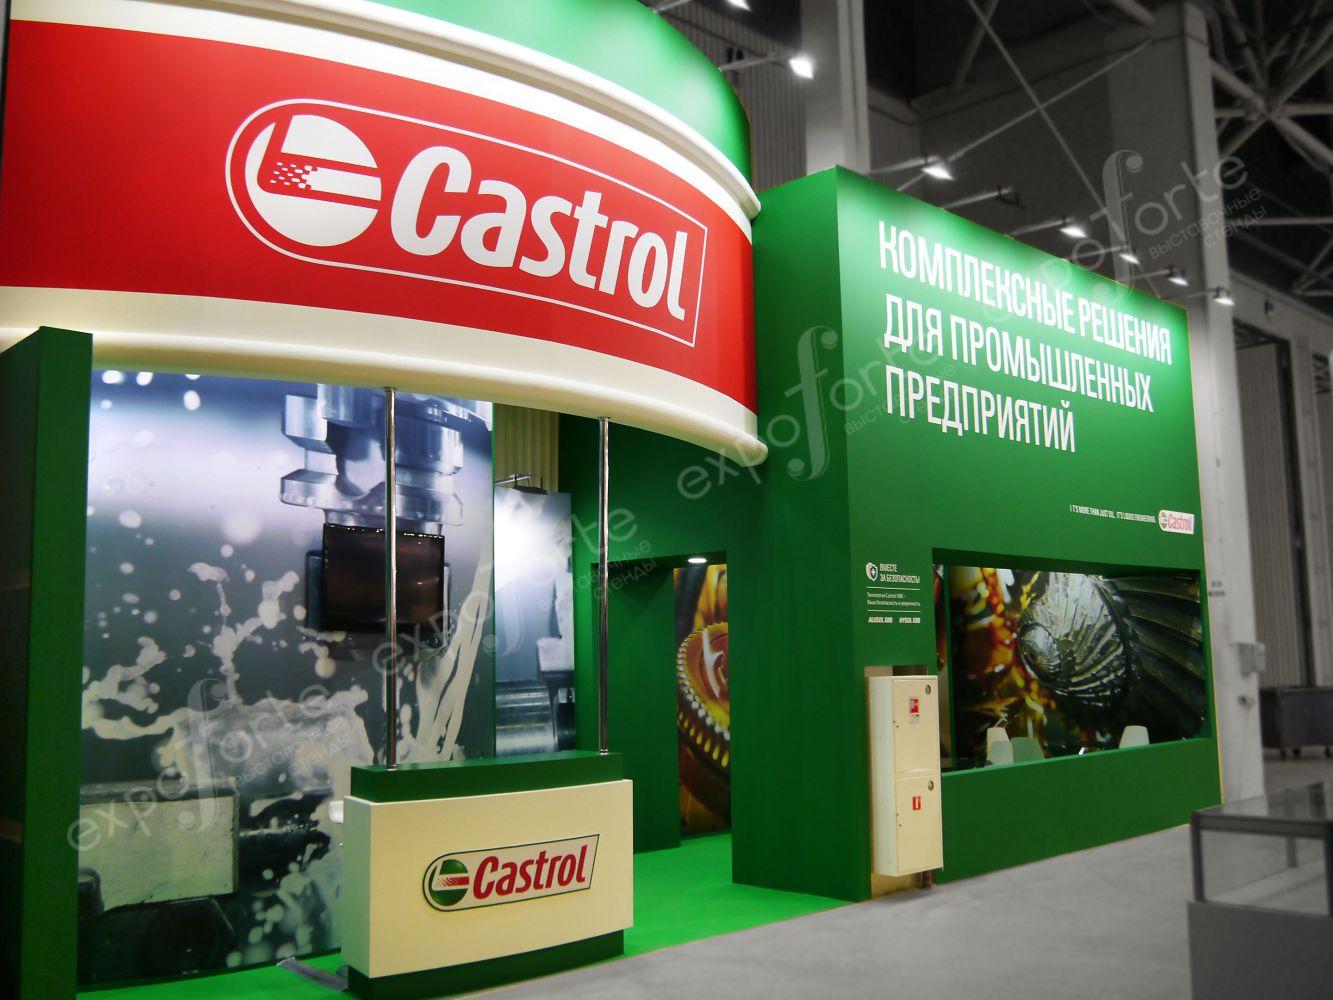 Фото: CASTROL, выставка МЕТАЛЛООБРАБОТКА – картинка 1